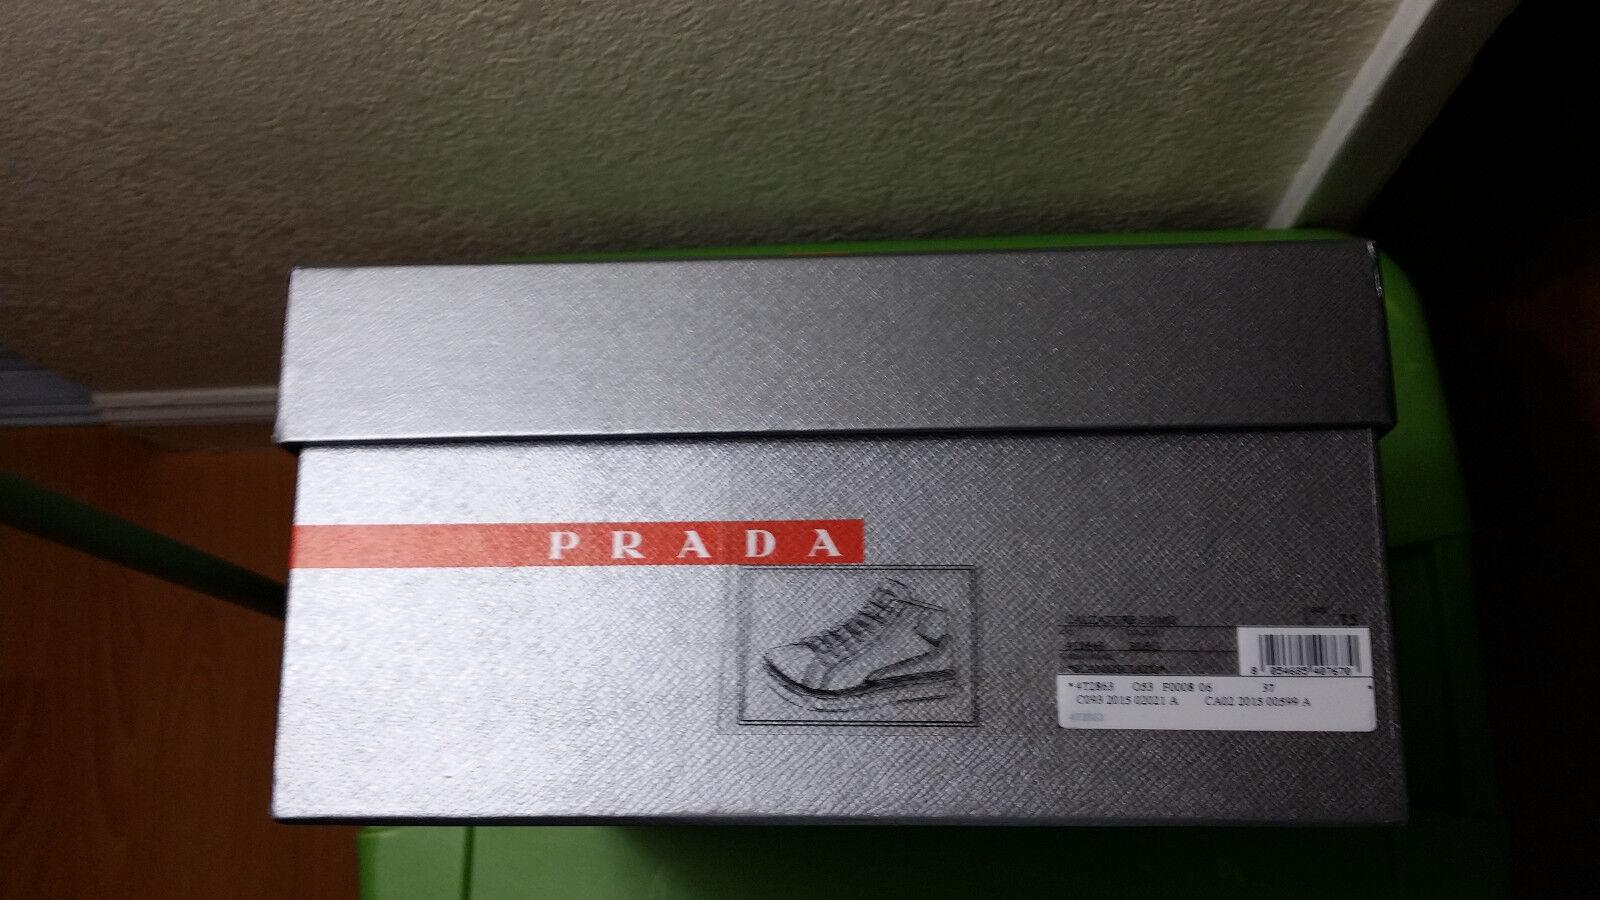 Prada Calzature Suede & Leather Mid-Top sautope da ginnastica